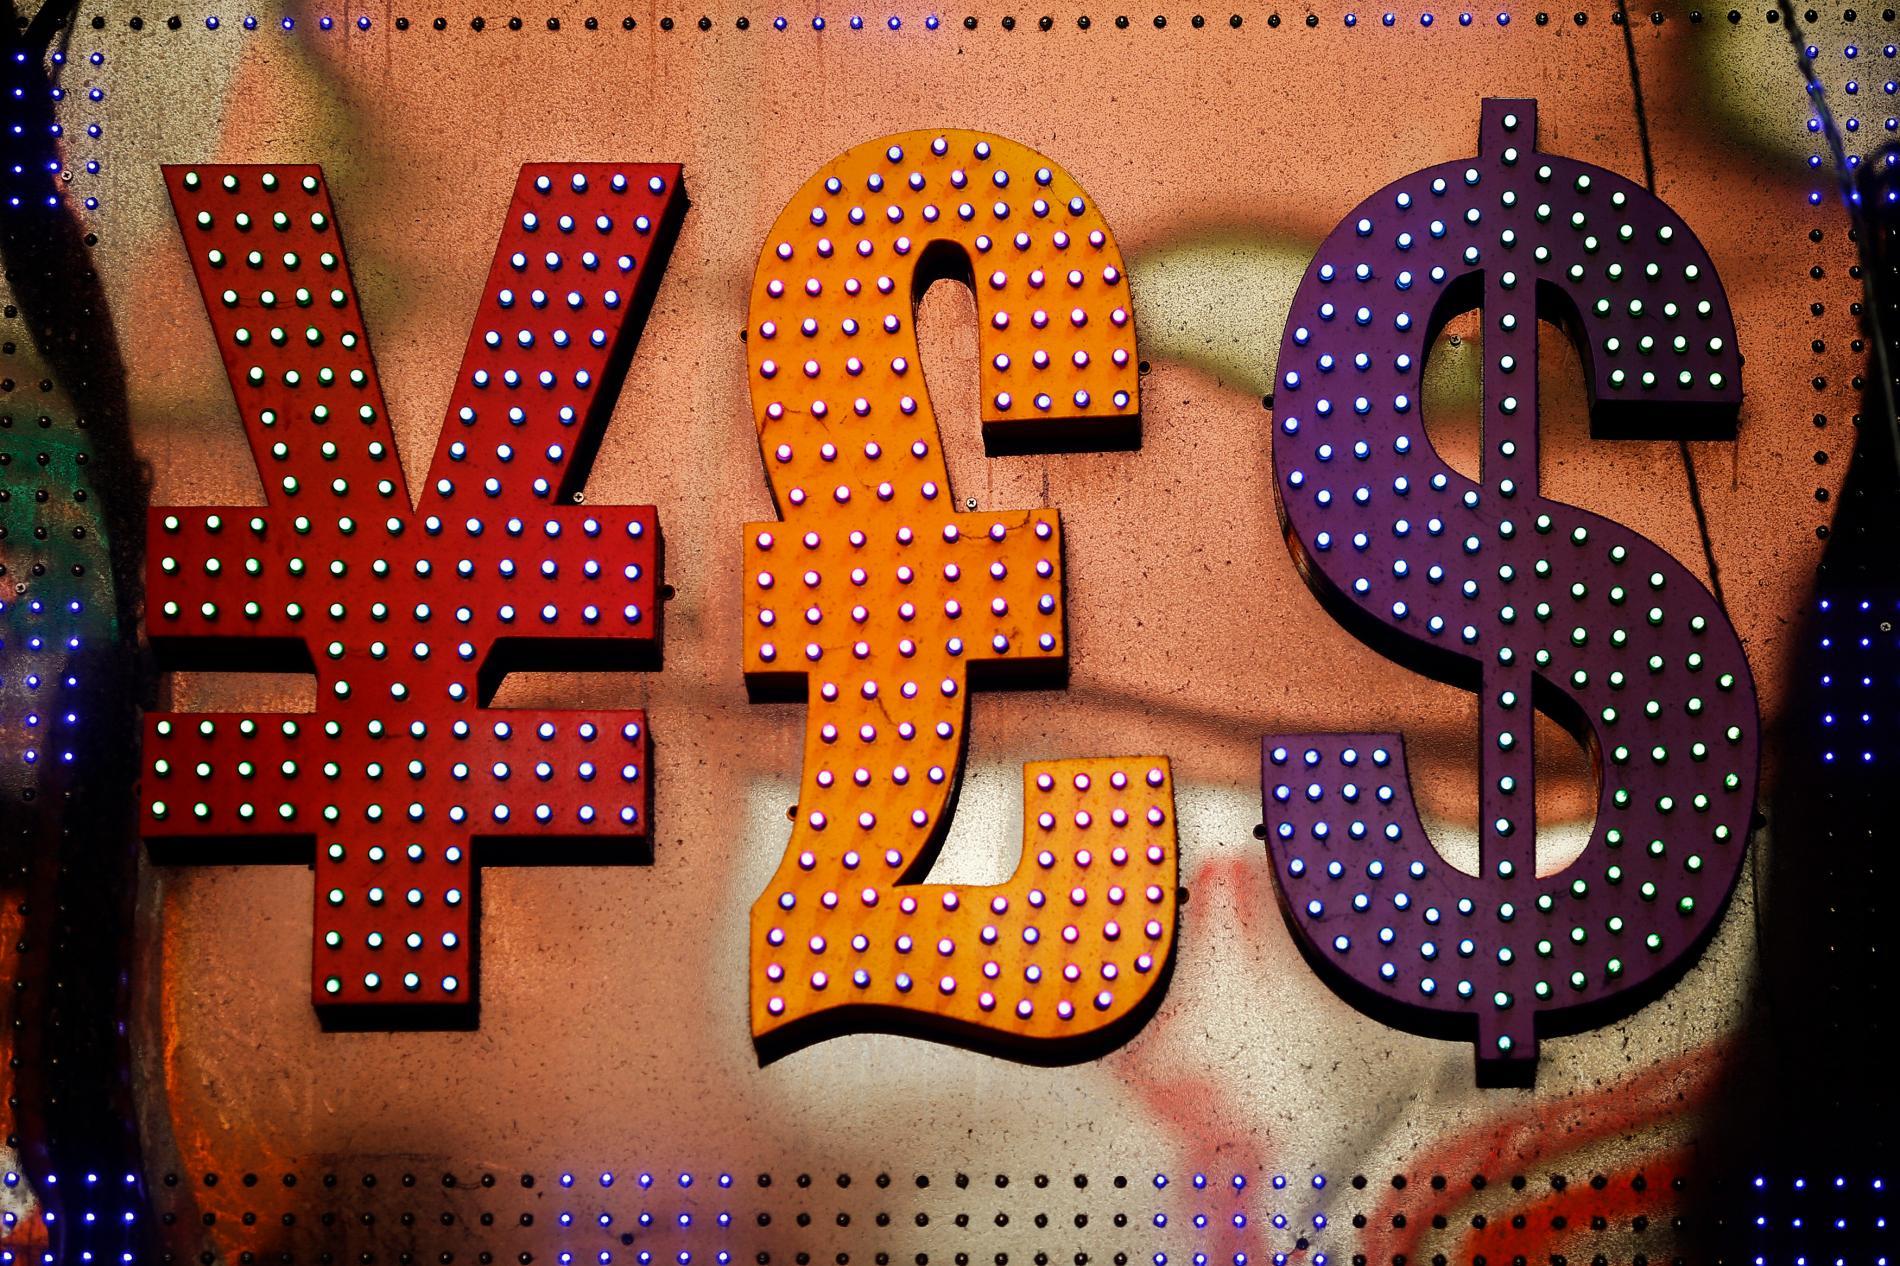 Будущее денег, часть 5: Единая валюта или миллион криптовалют?